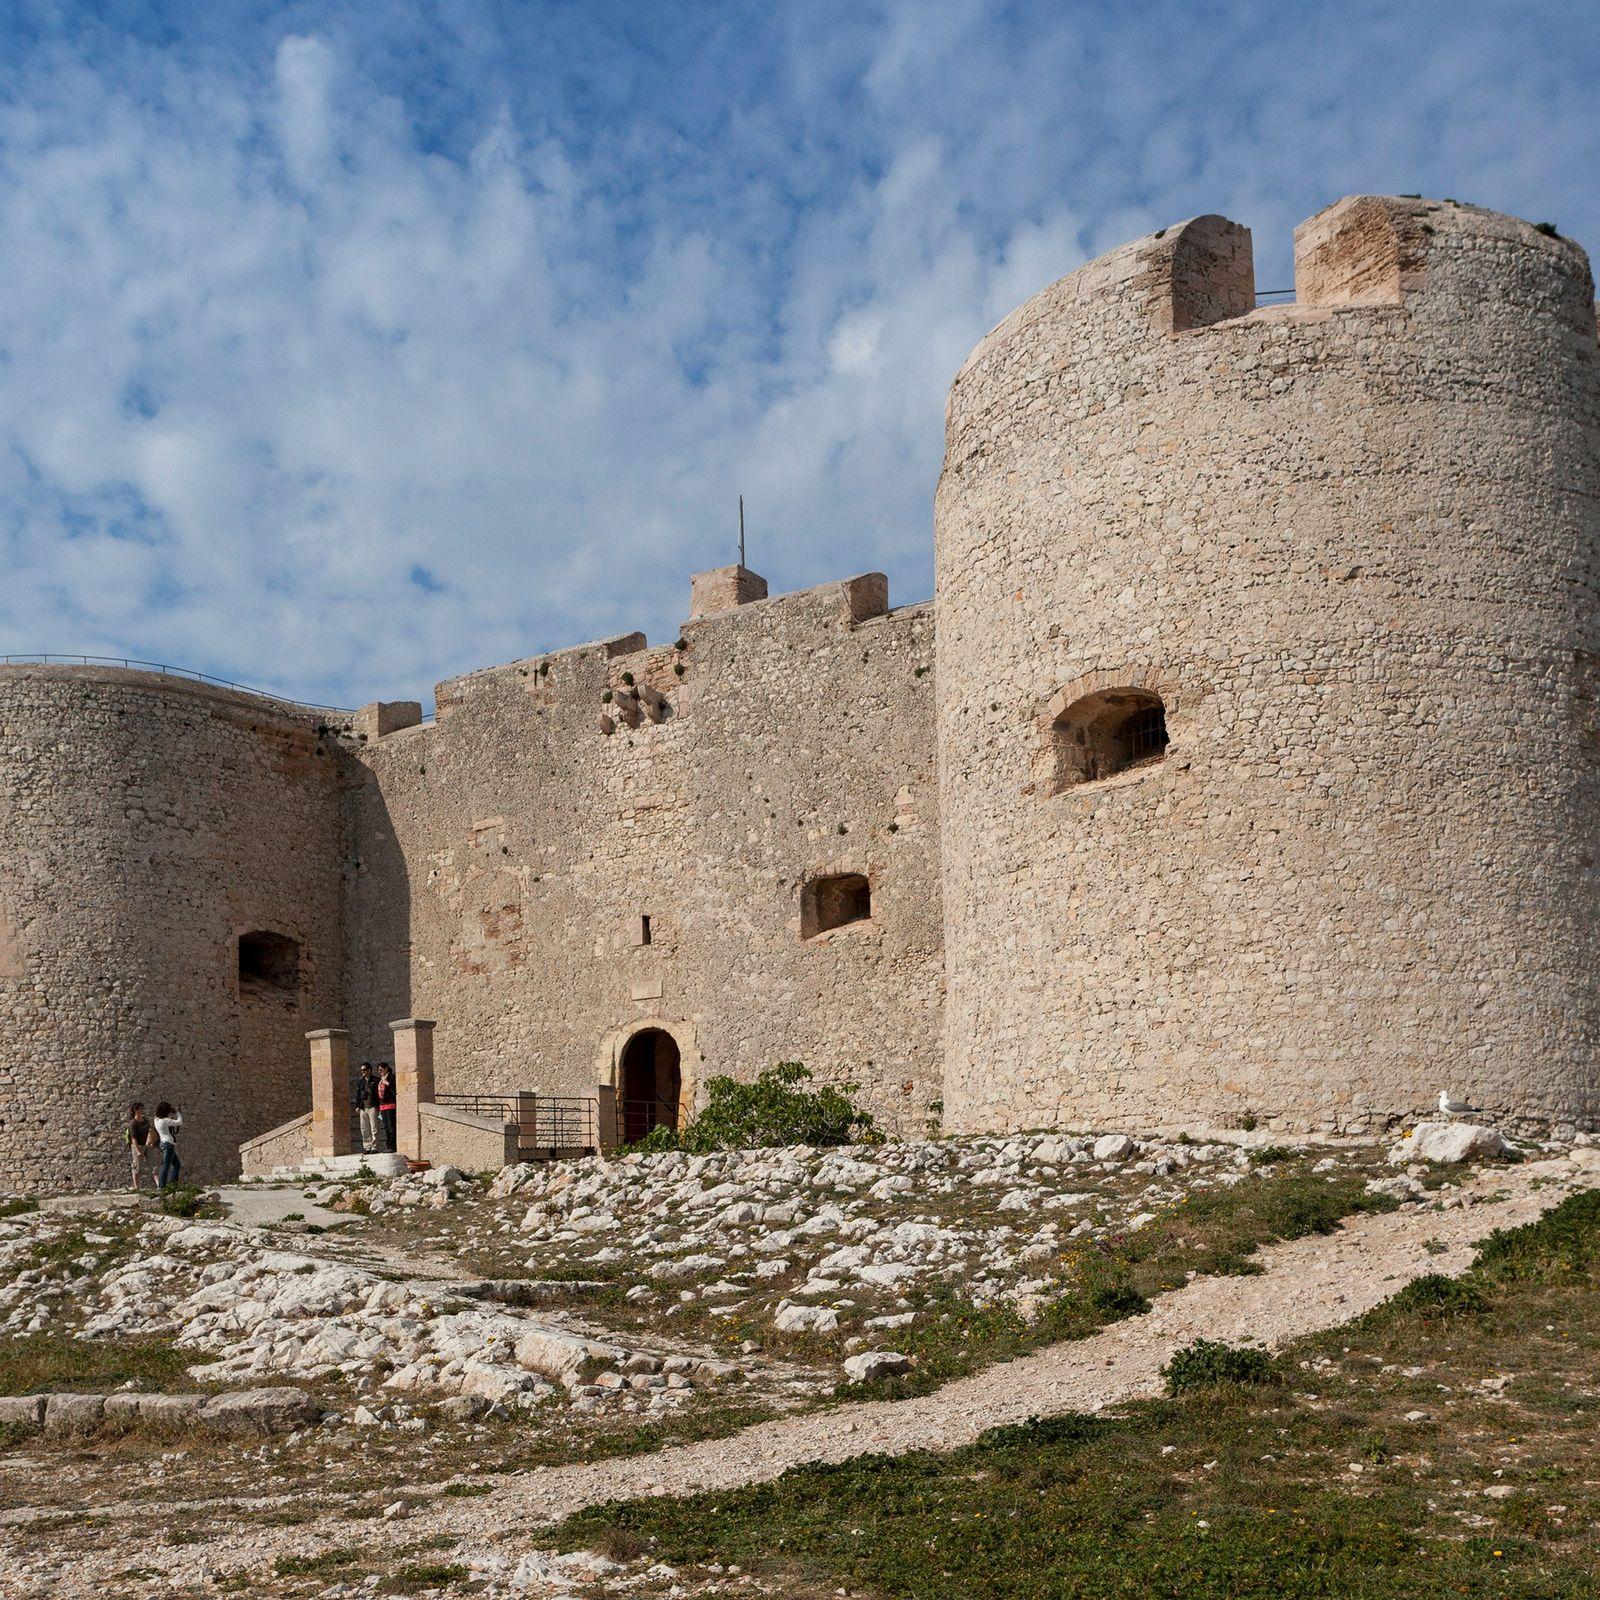 Castelo-Prisão de If, em Marselha